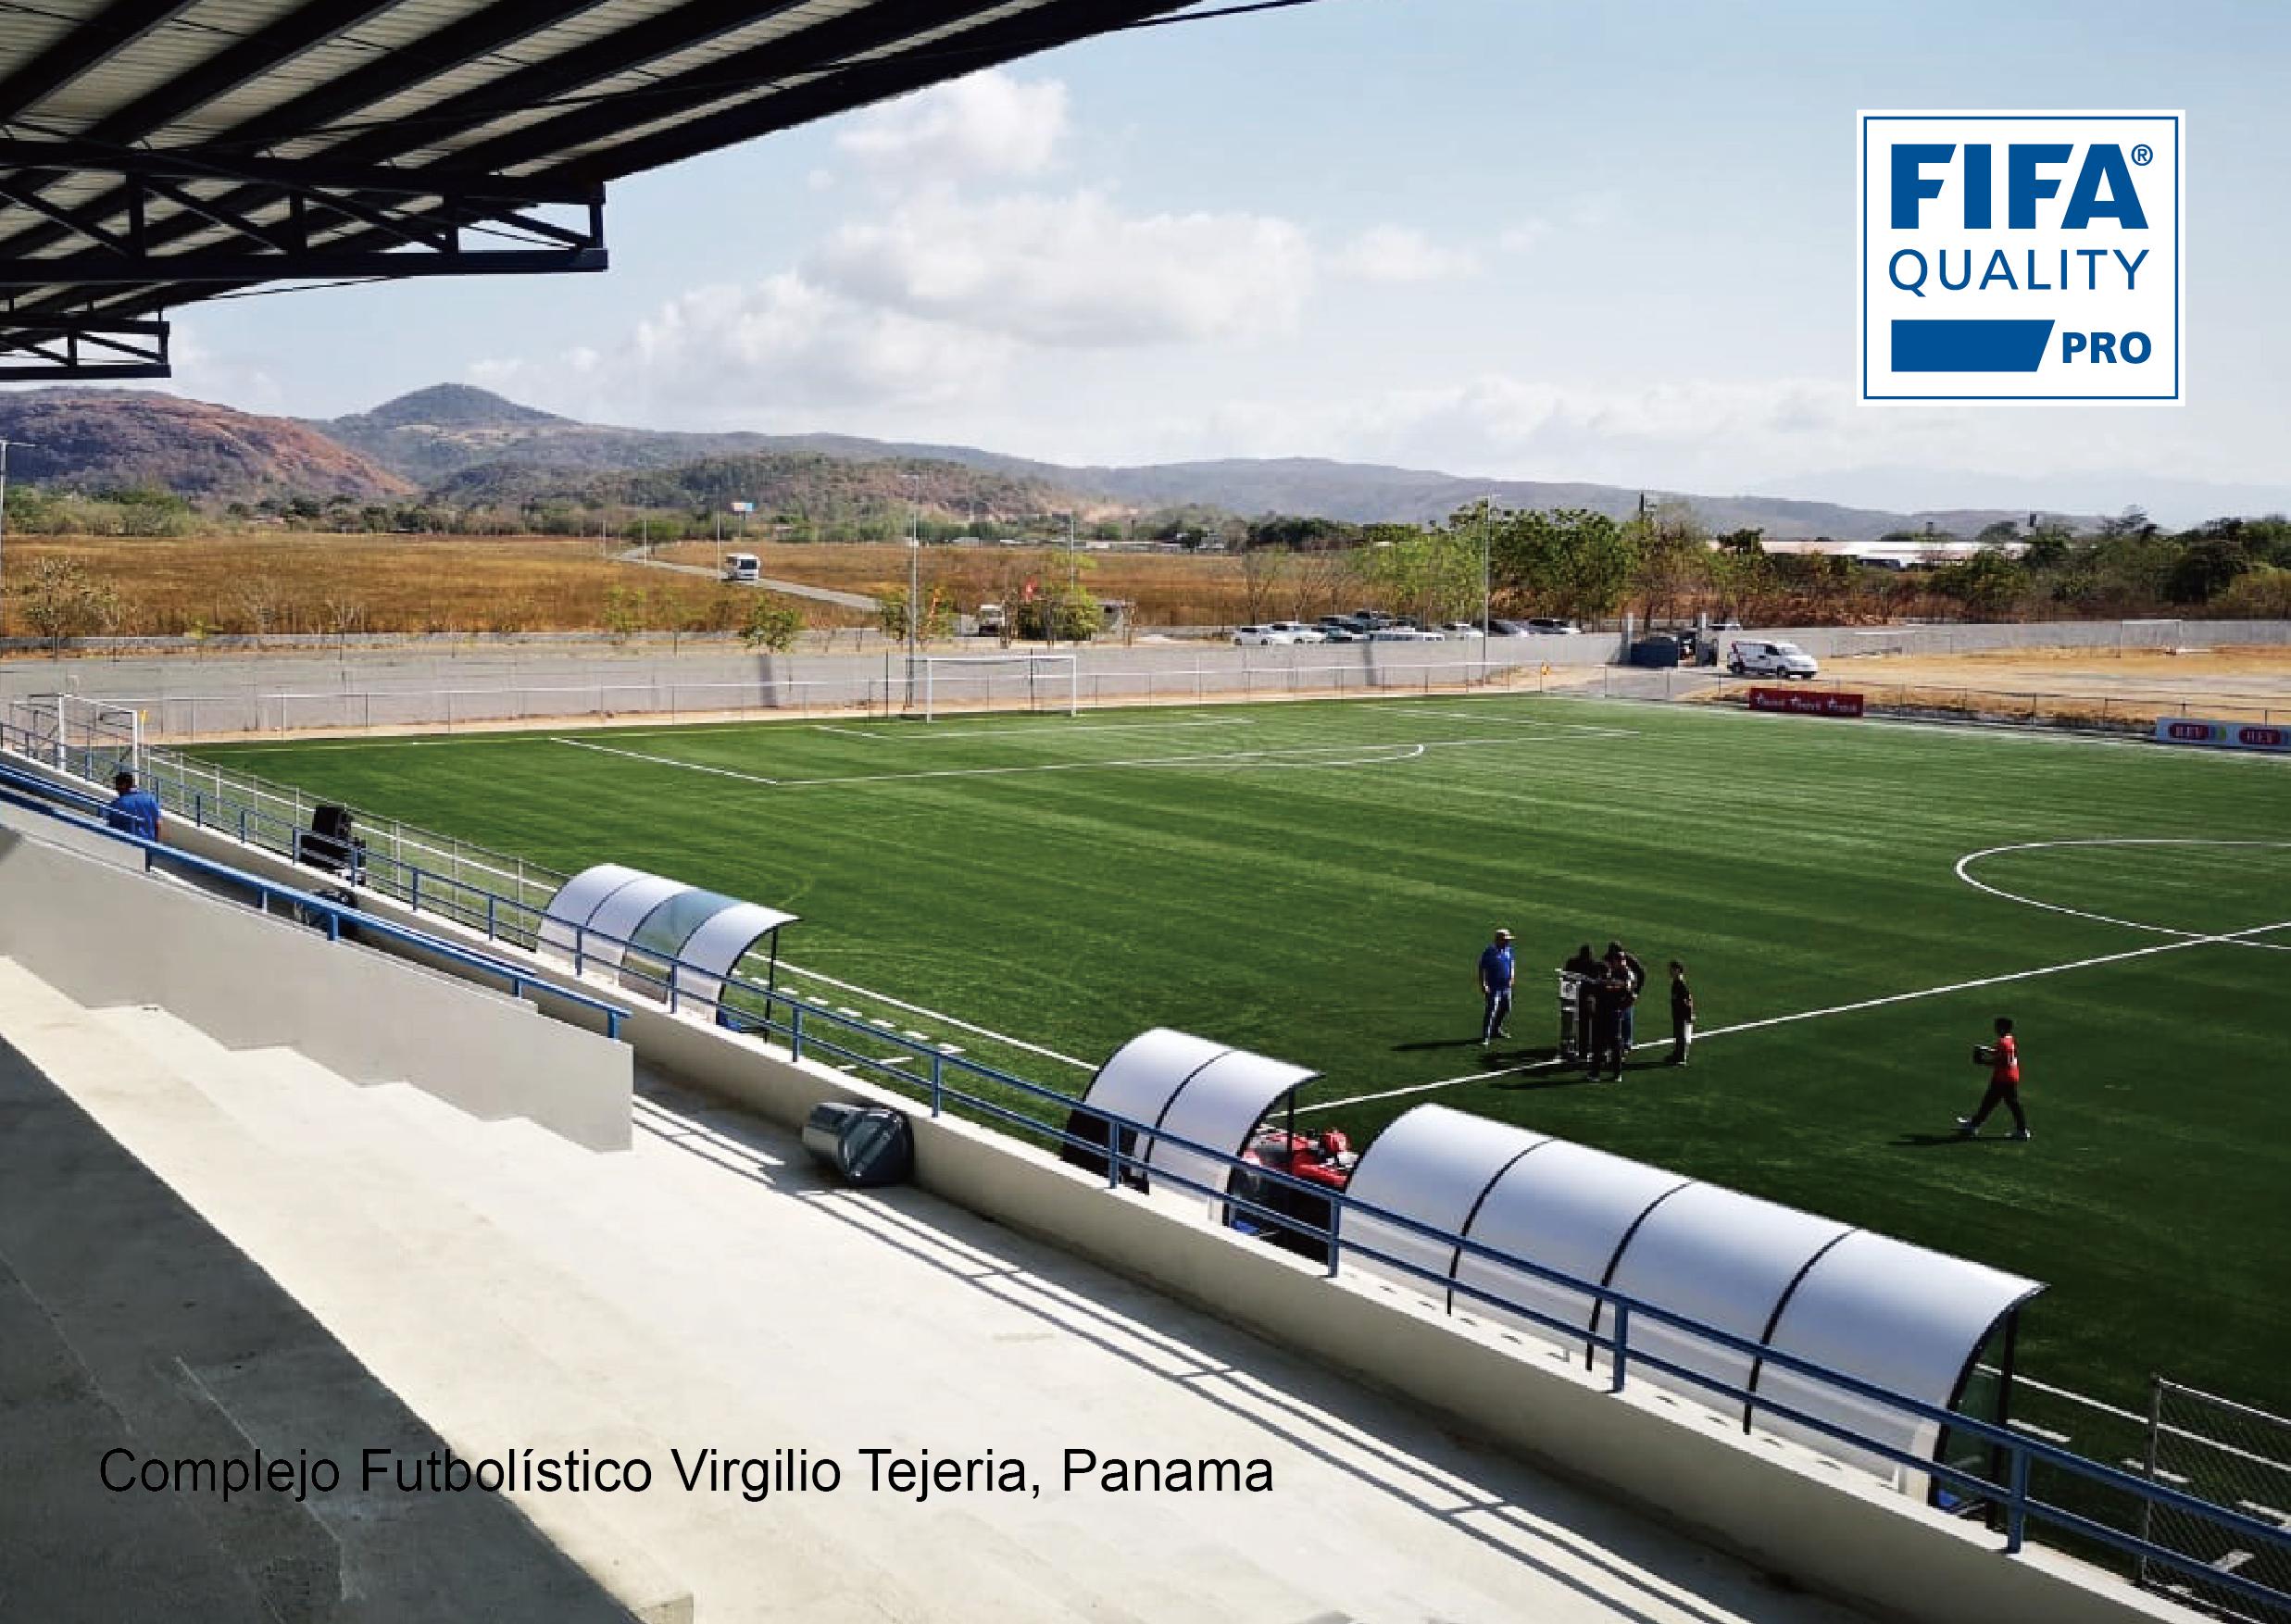 Complejo Futbolístico Virgilio Tejeria, Panama